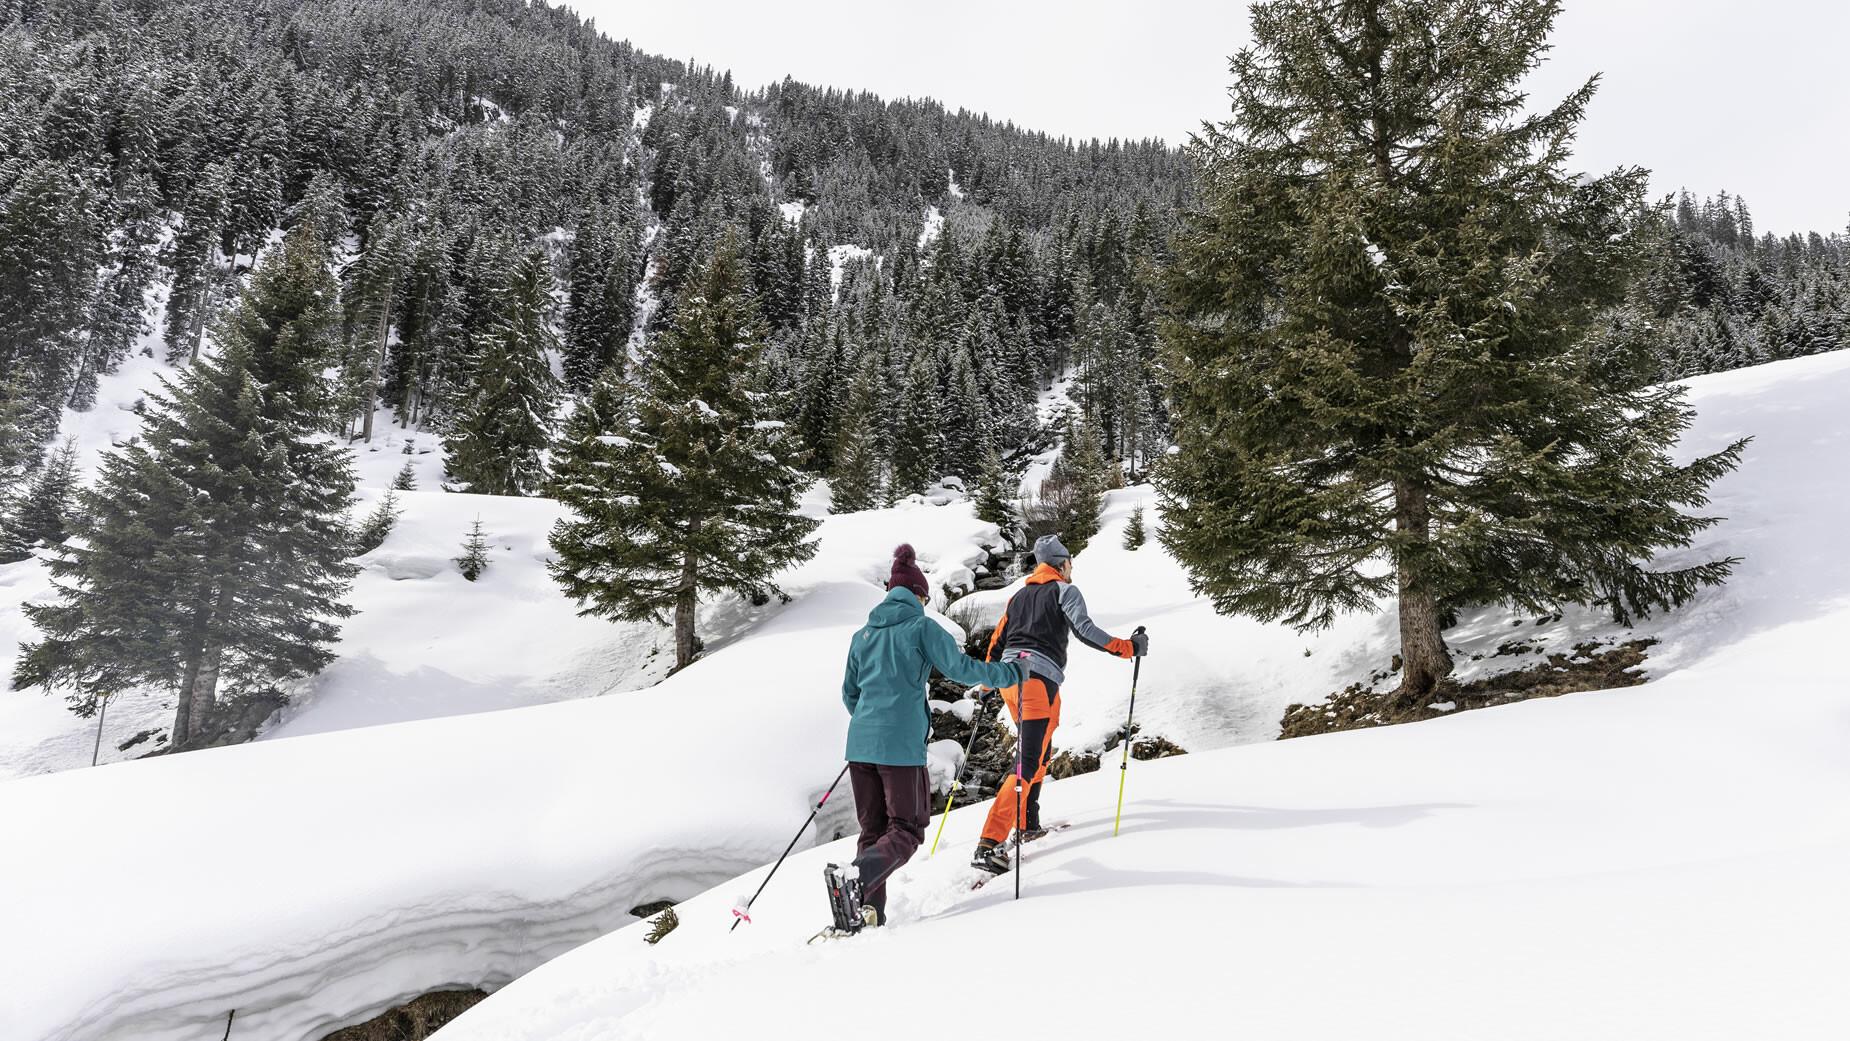 Winter- und Schneeschuhwandern in der Urlaubsregion St. Anton am Arlberg